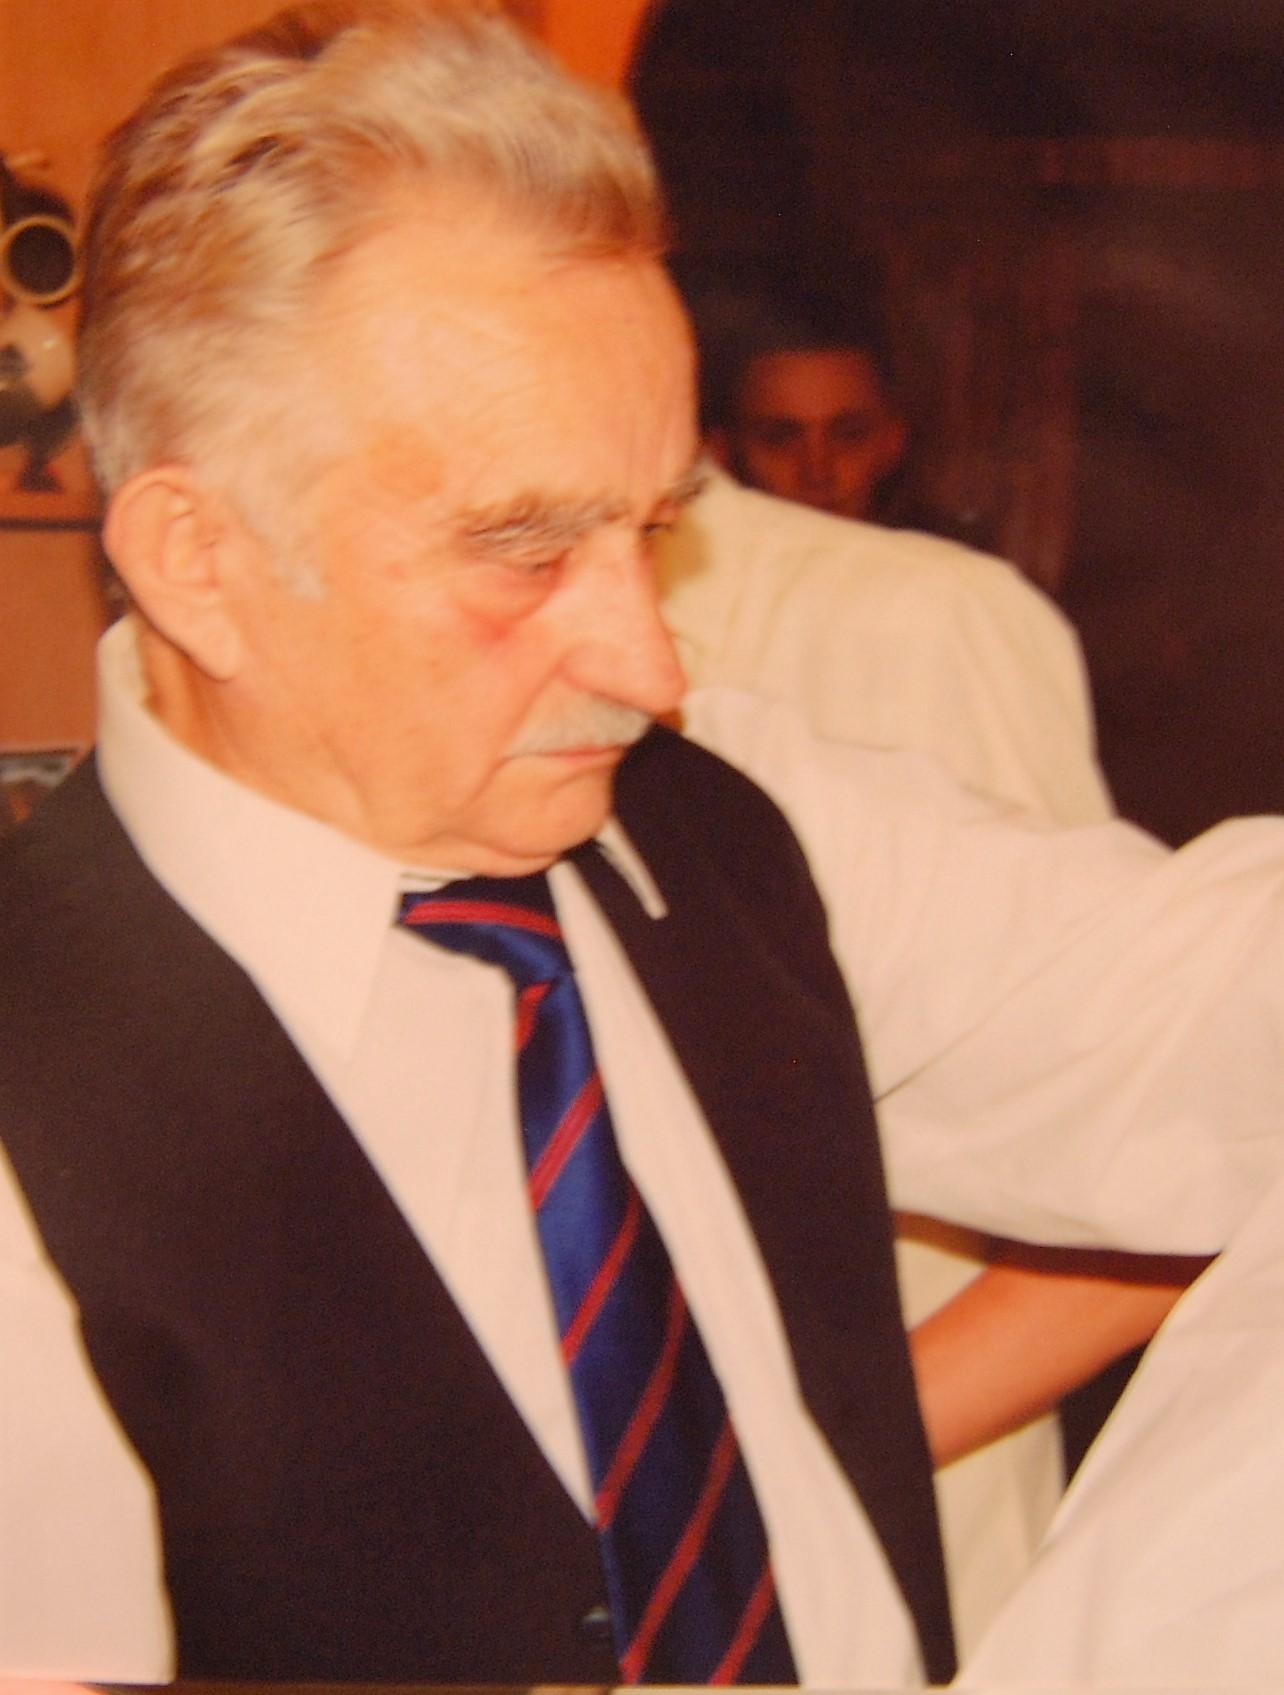 Stanisław Iwach